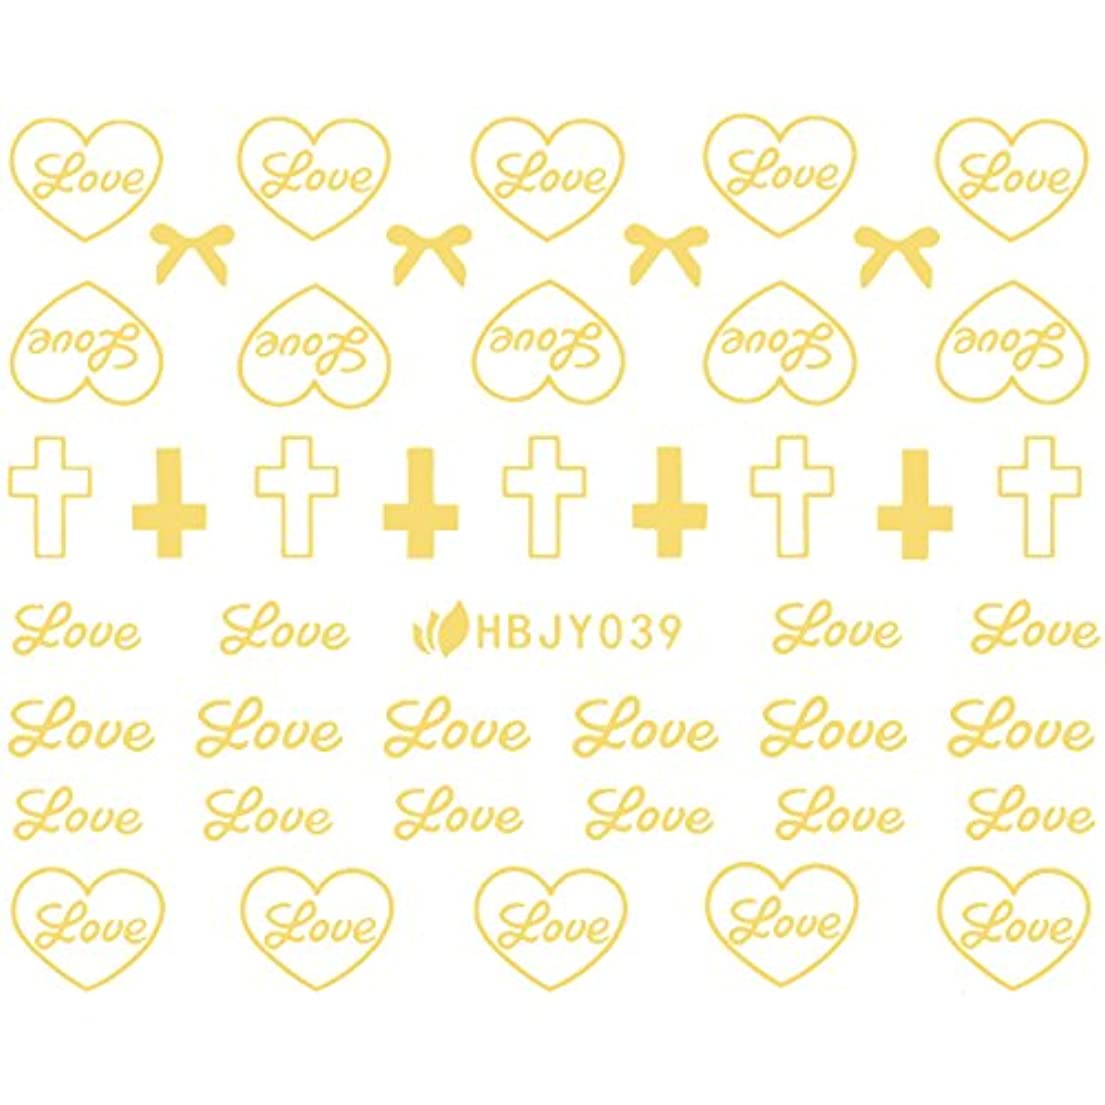 指紋まばたきジャーナルネイルシール アルファベット 文字 ブラック/ホワイト/ゴールド/シルバー 選べる80種 (ゴールドGP, 11)